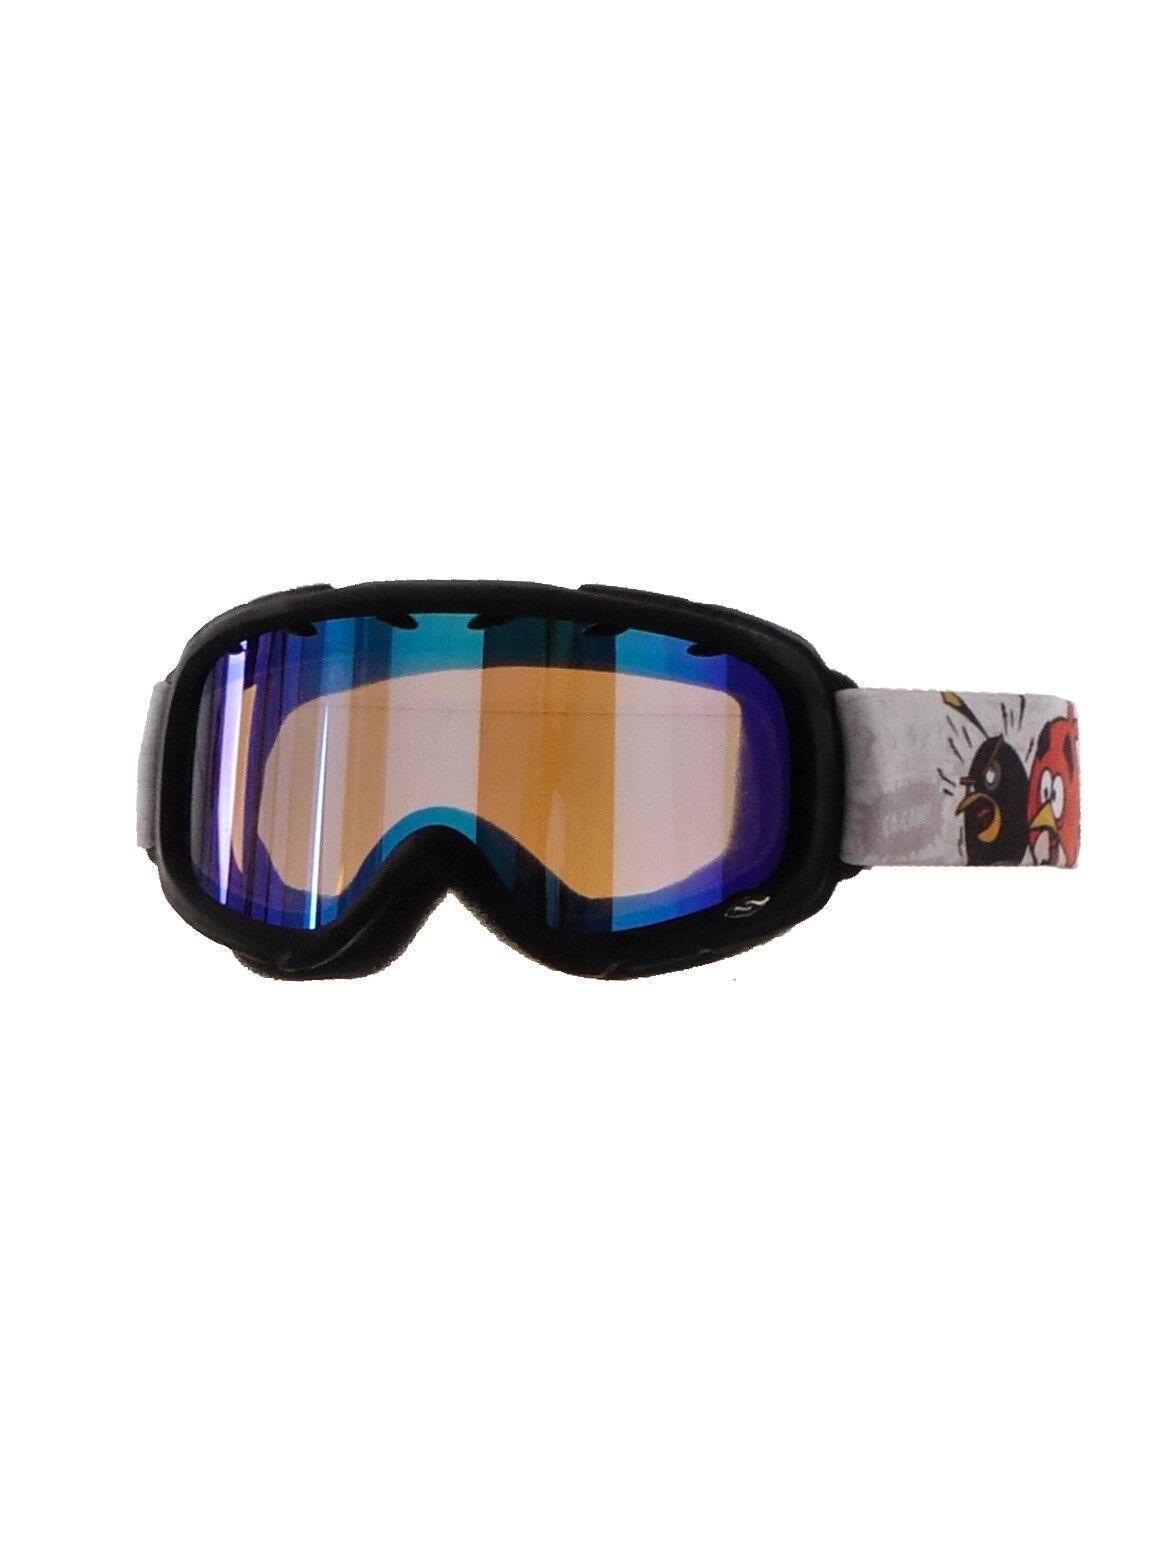 Smith Gafas de Esquí Gafas de Snowboard Gambler Air  black Compatible con Casco  brand on sale clearance